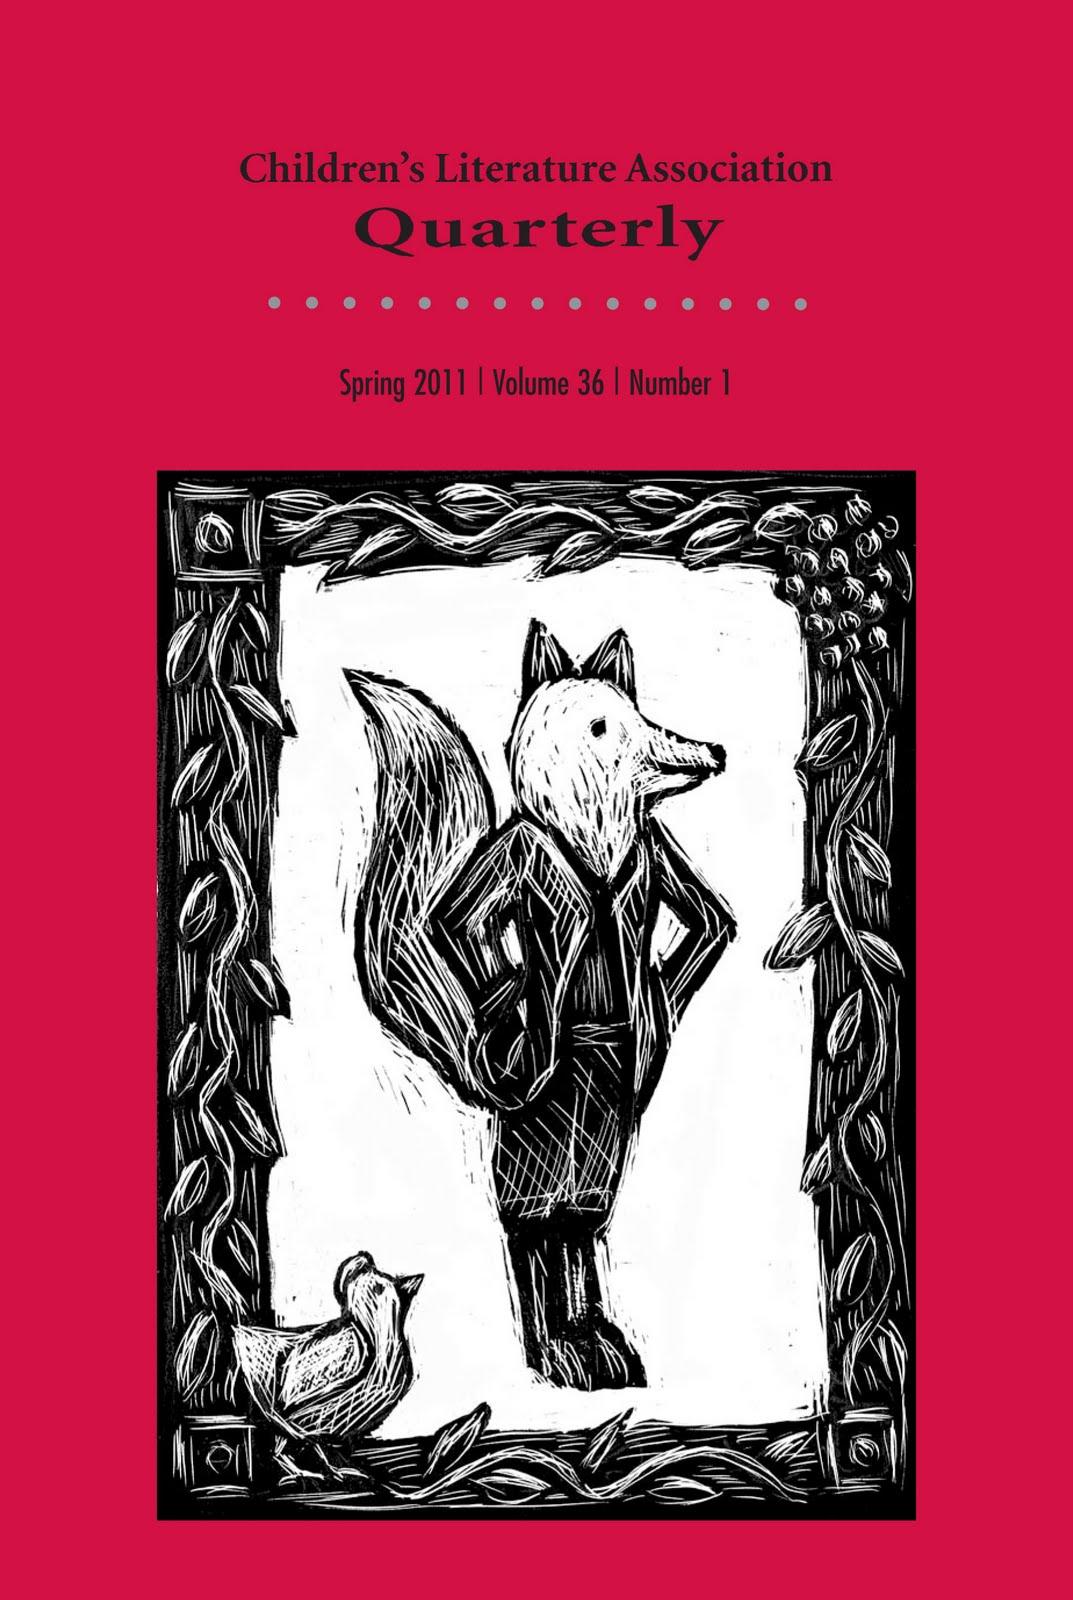 Children's Literature Association Quarterly